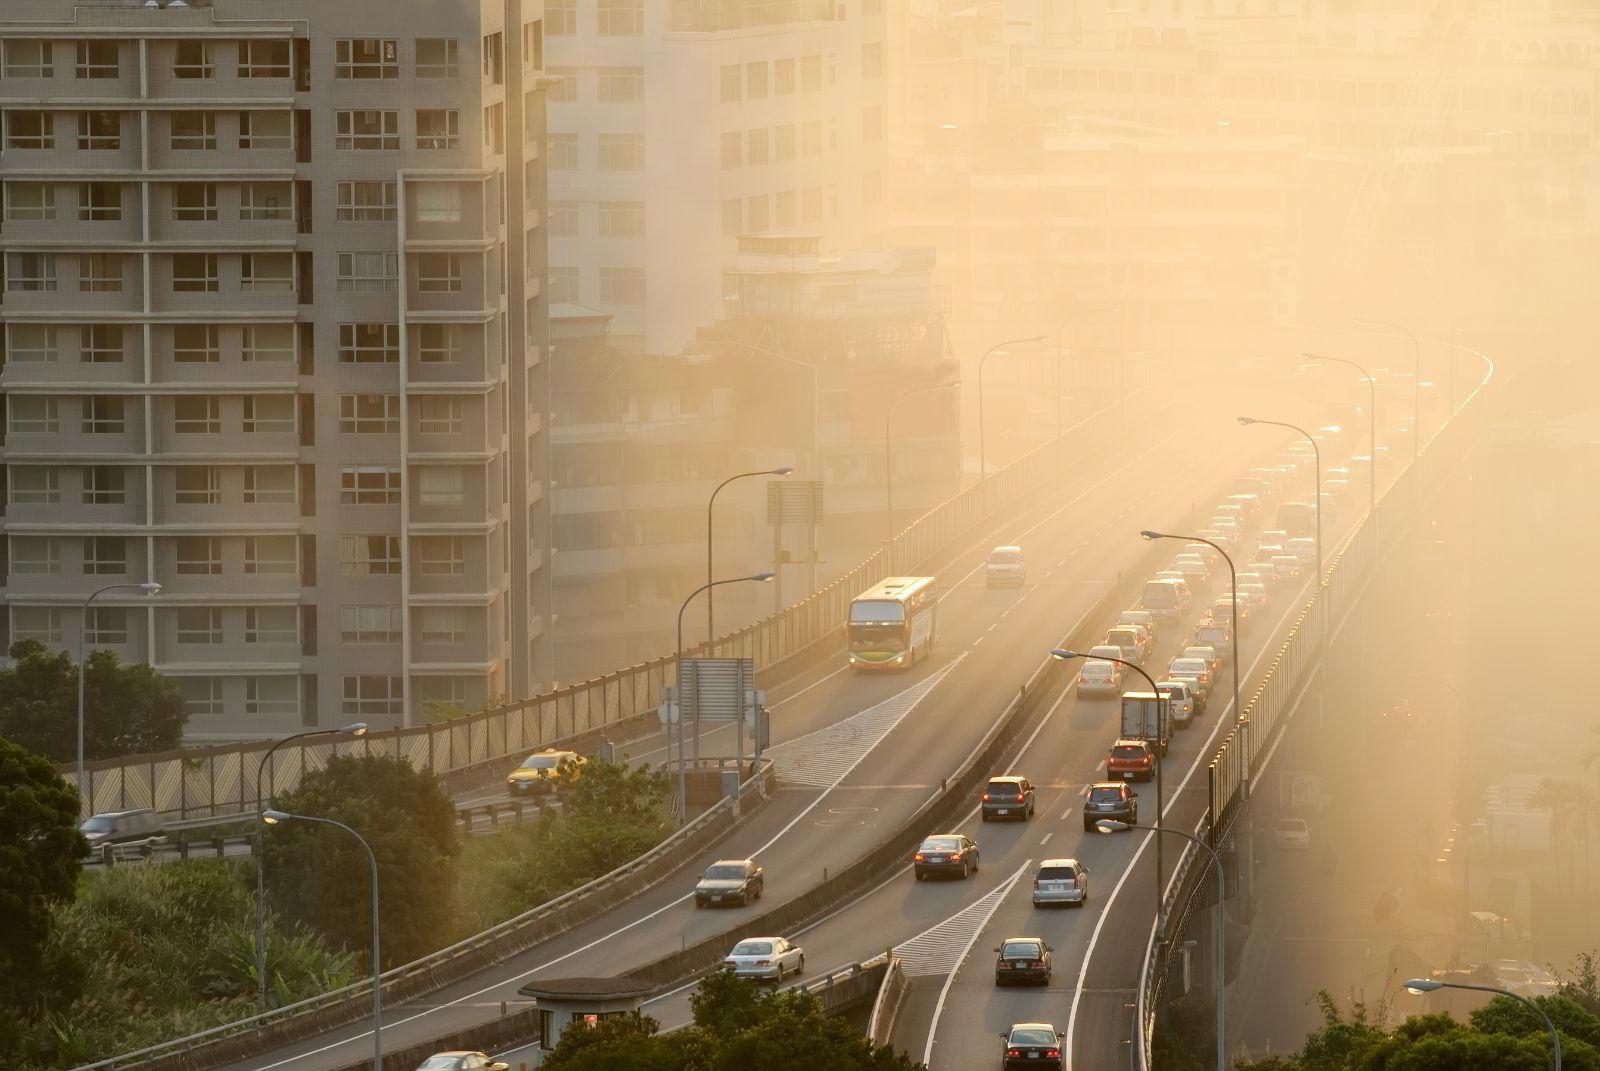 Avernida en una ciudad con coches y humo